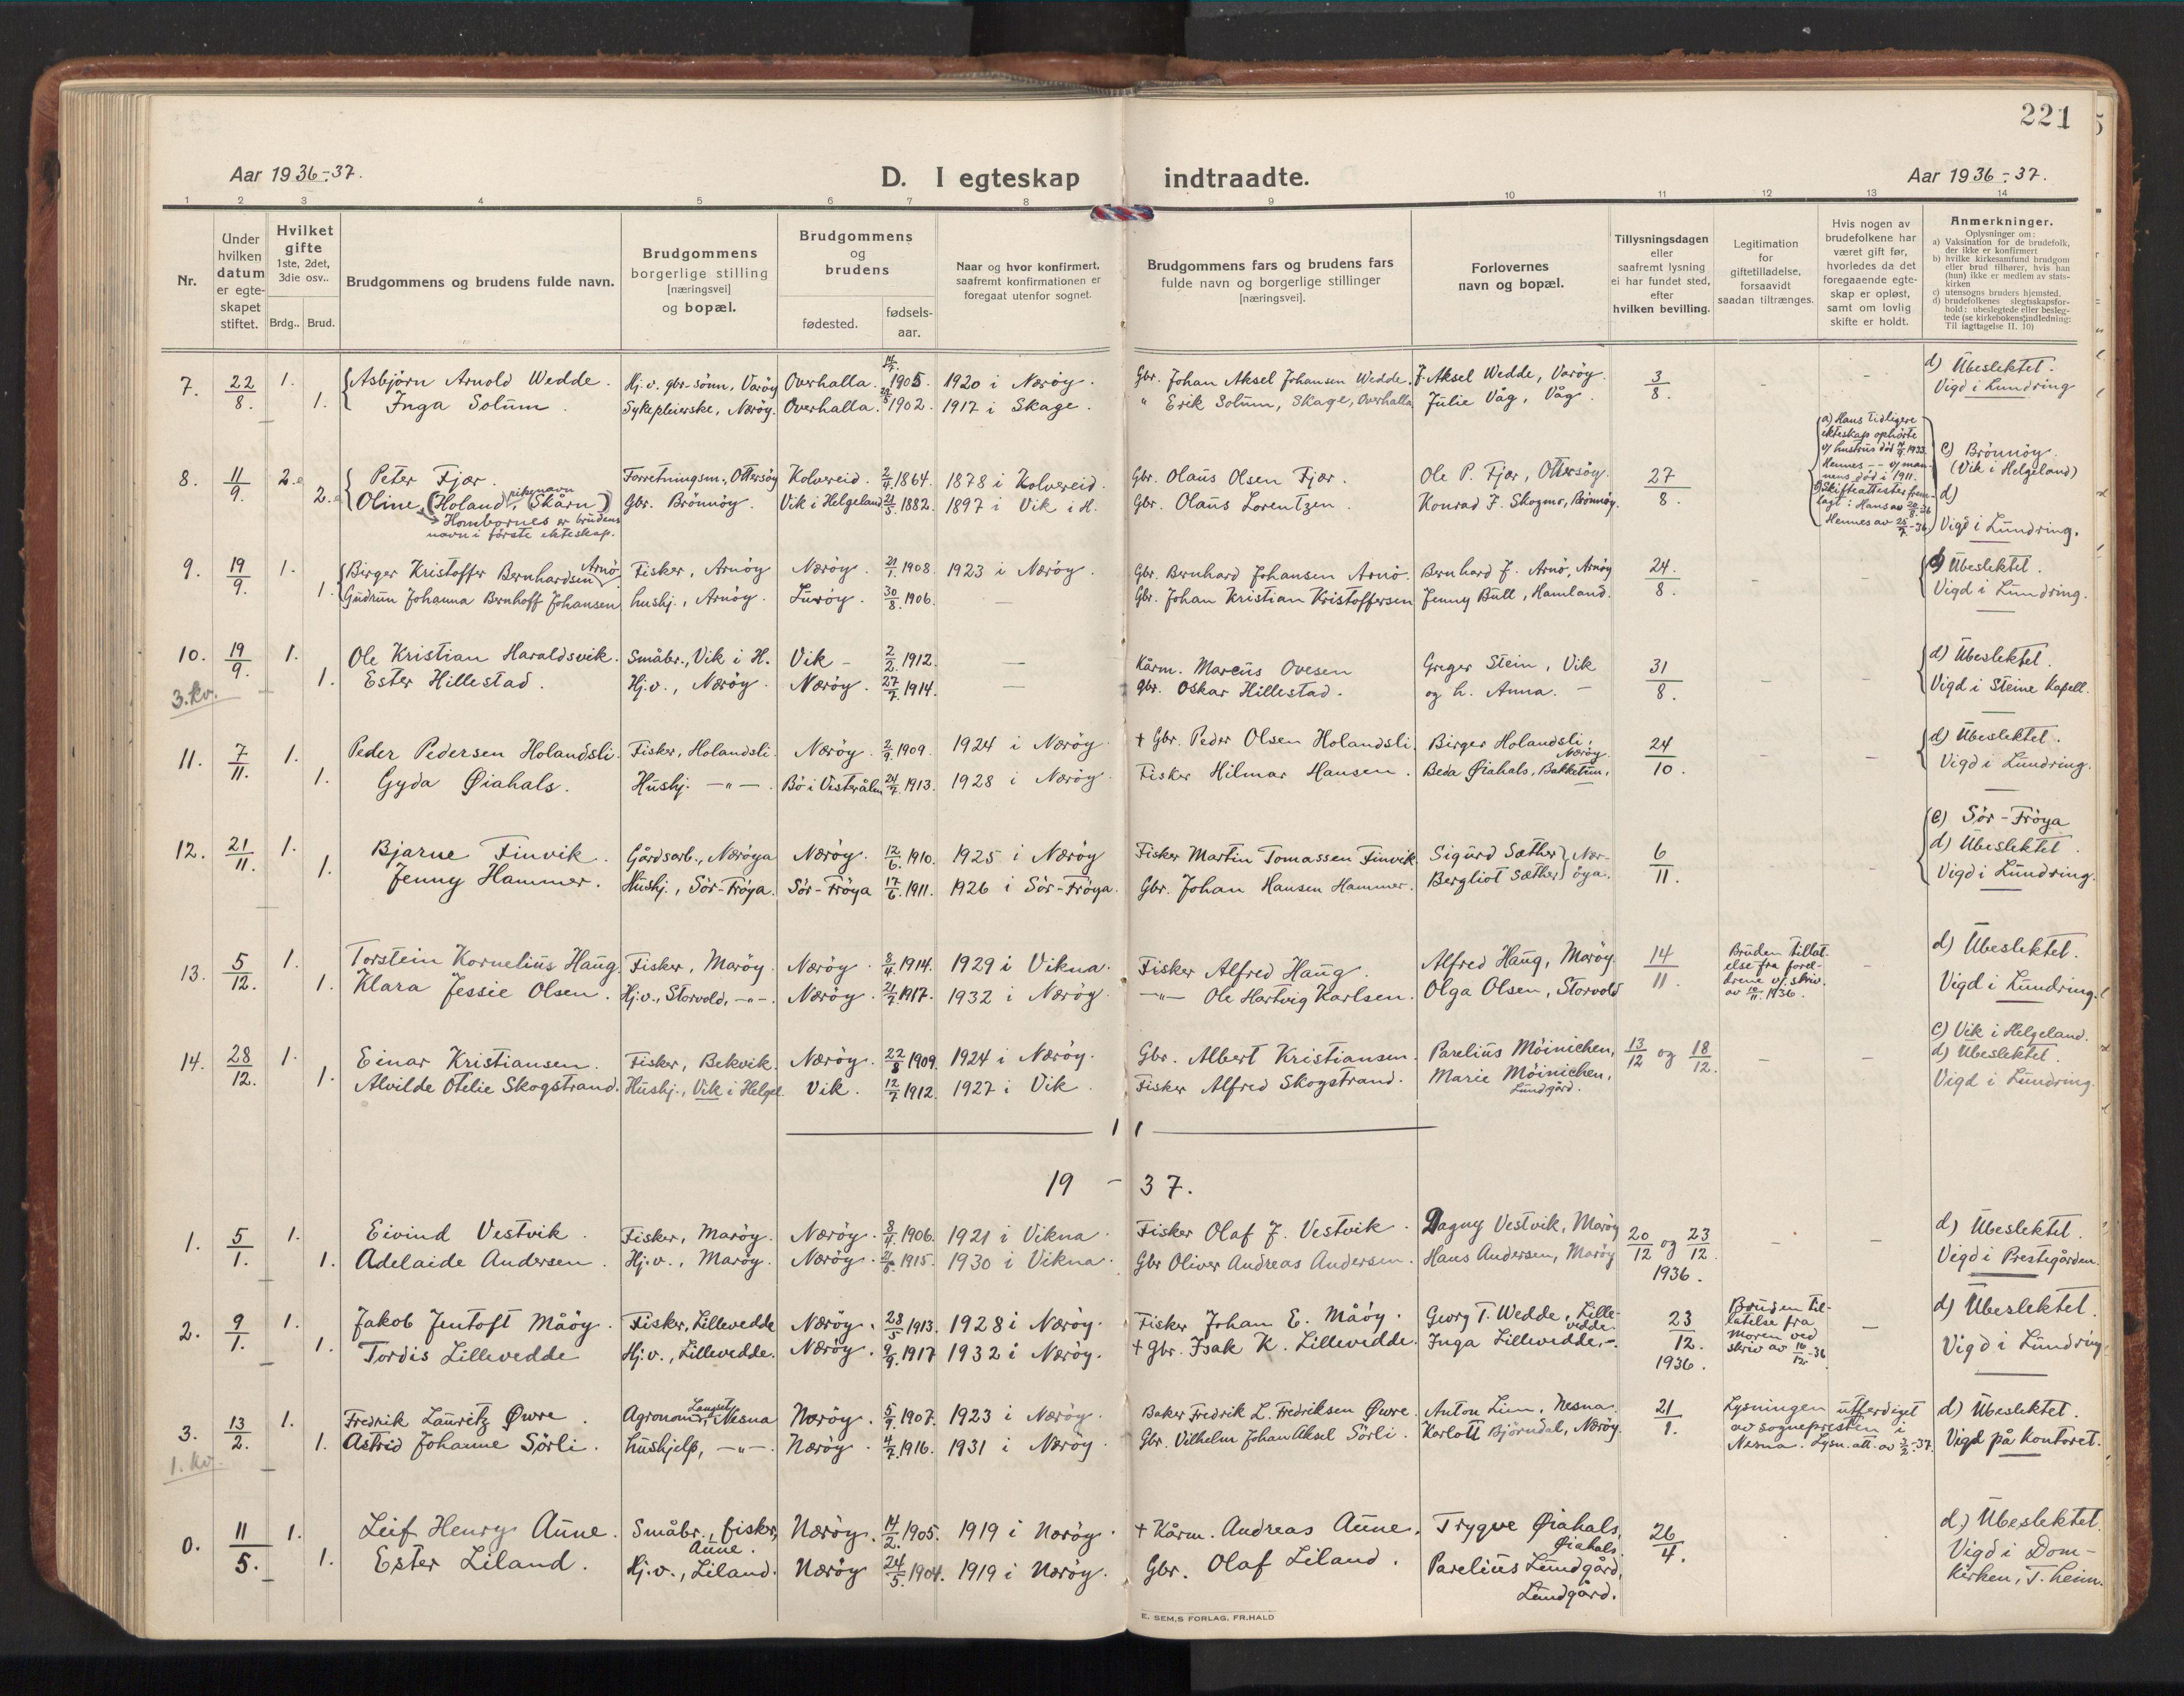 SAT, Ministerialprotokoller, klokkerbøker og fødselsregistre - Nord-Trøndelag, 784/L0678: Ministerialbok nr. 784A13, 1921-1938, s. 221